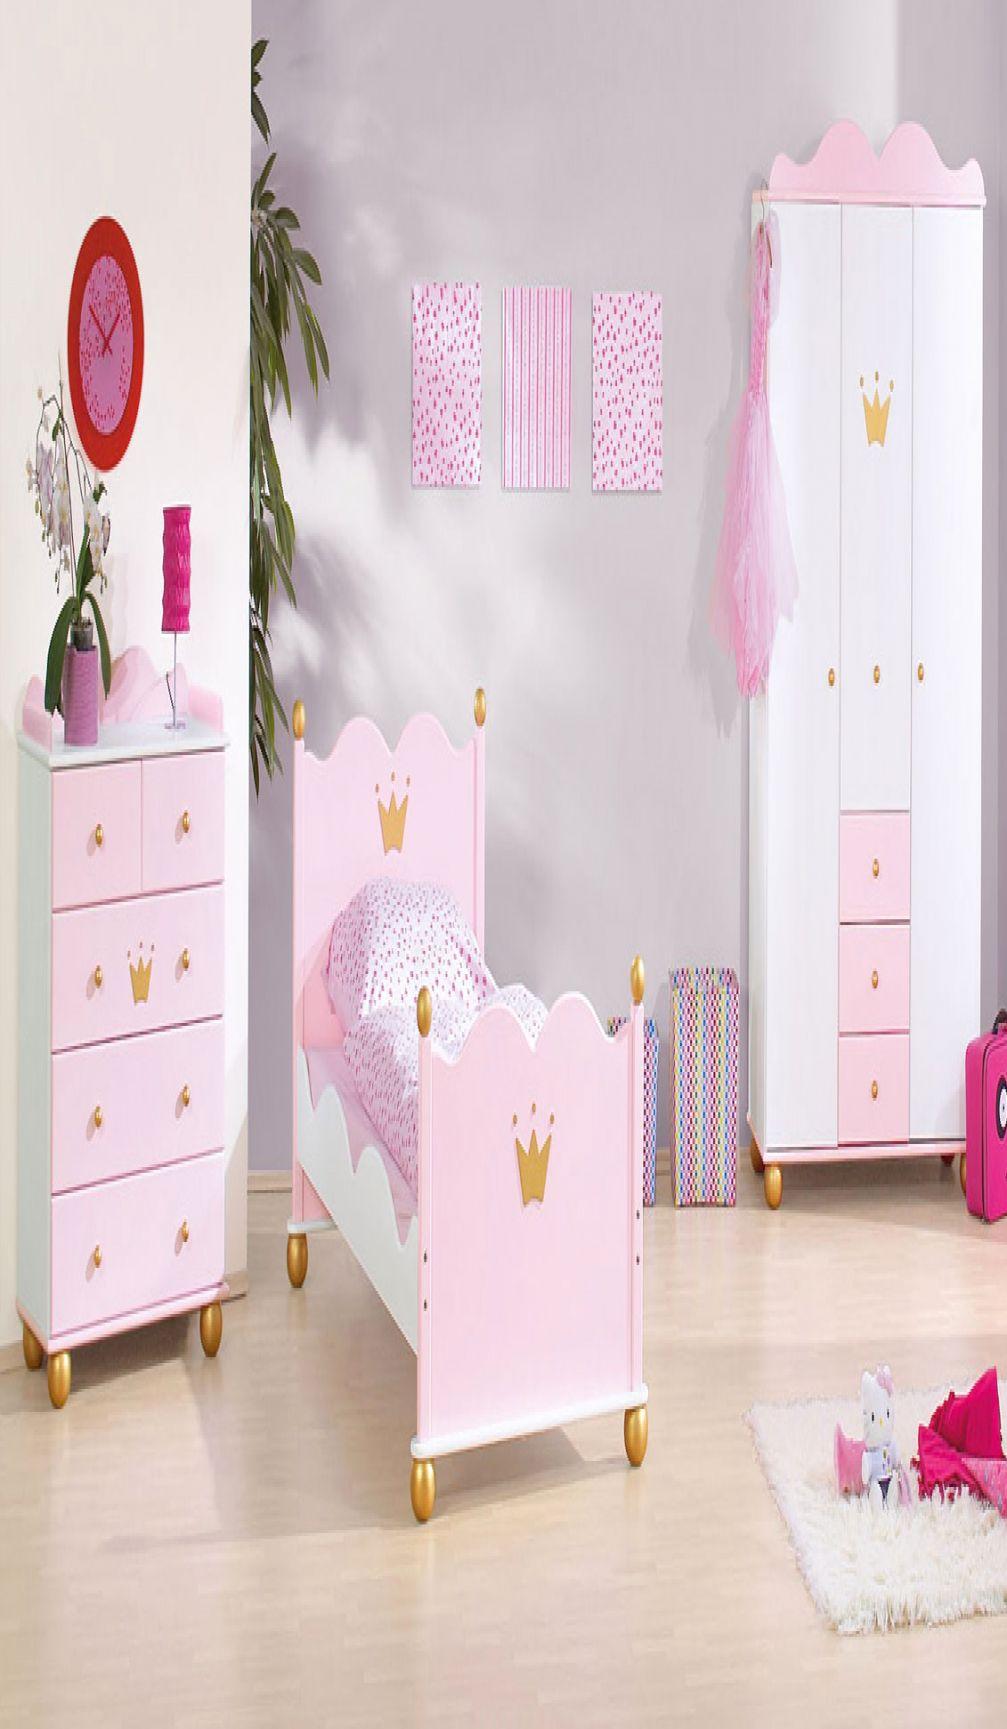 Epingle Par The Good Reviews Sur Decorating Home En 2020 Chambre